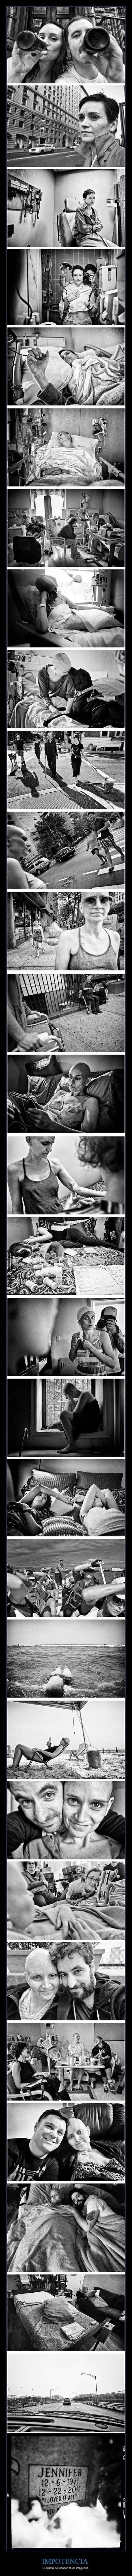 prostitucion rae mujeres y hombres y viceversa m